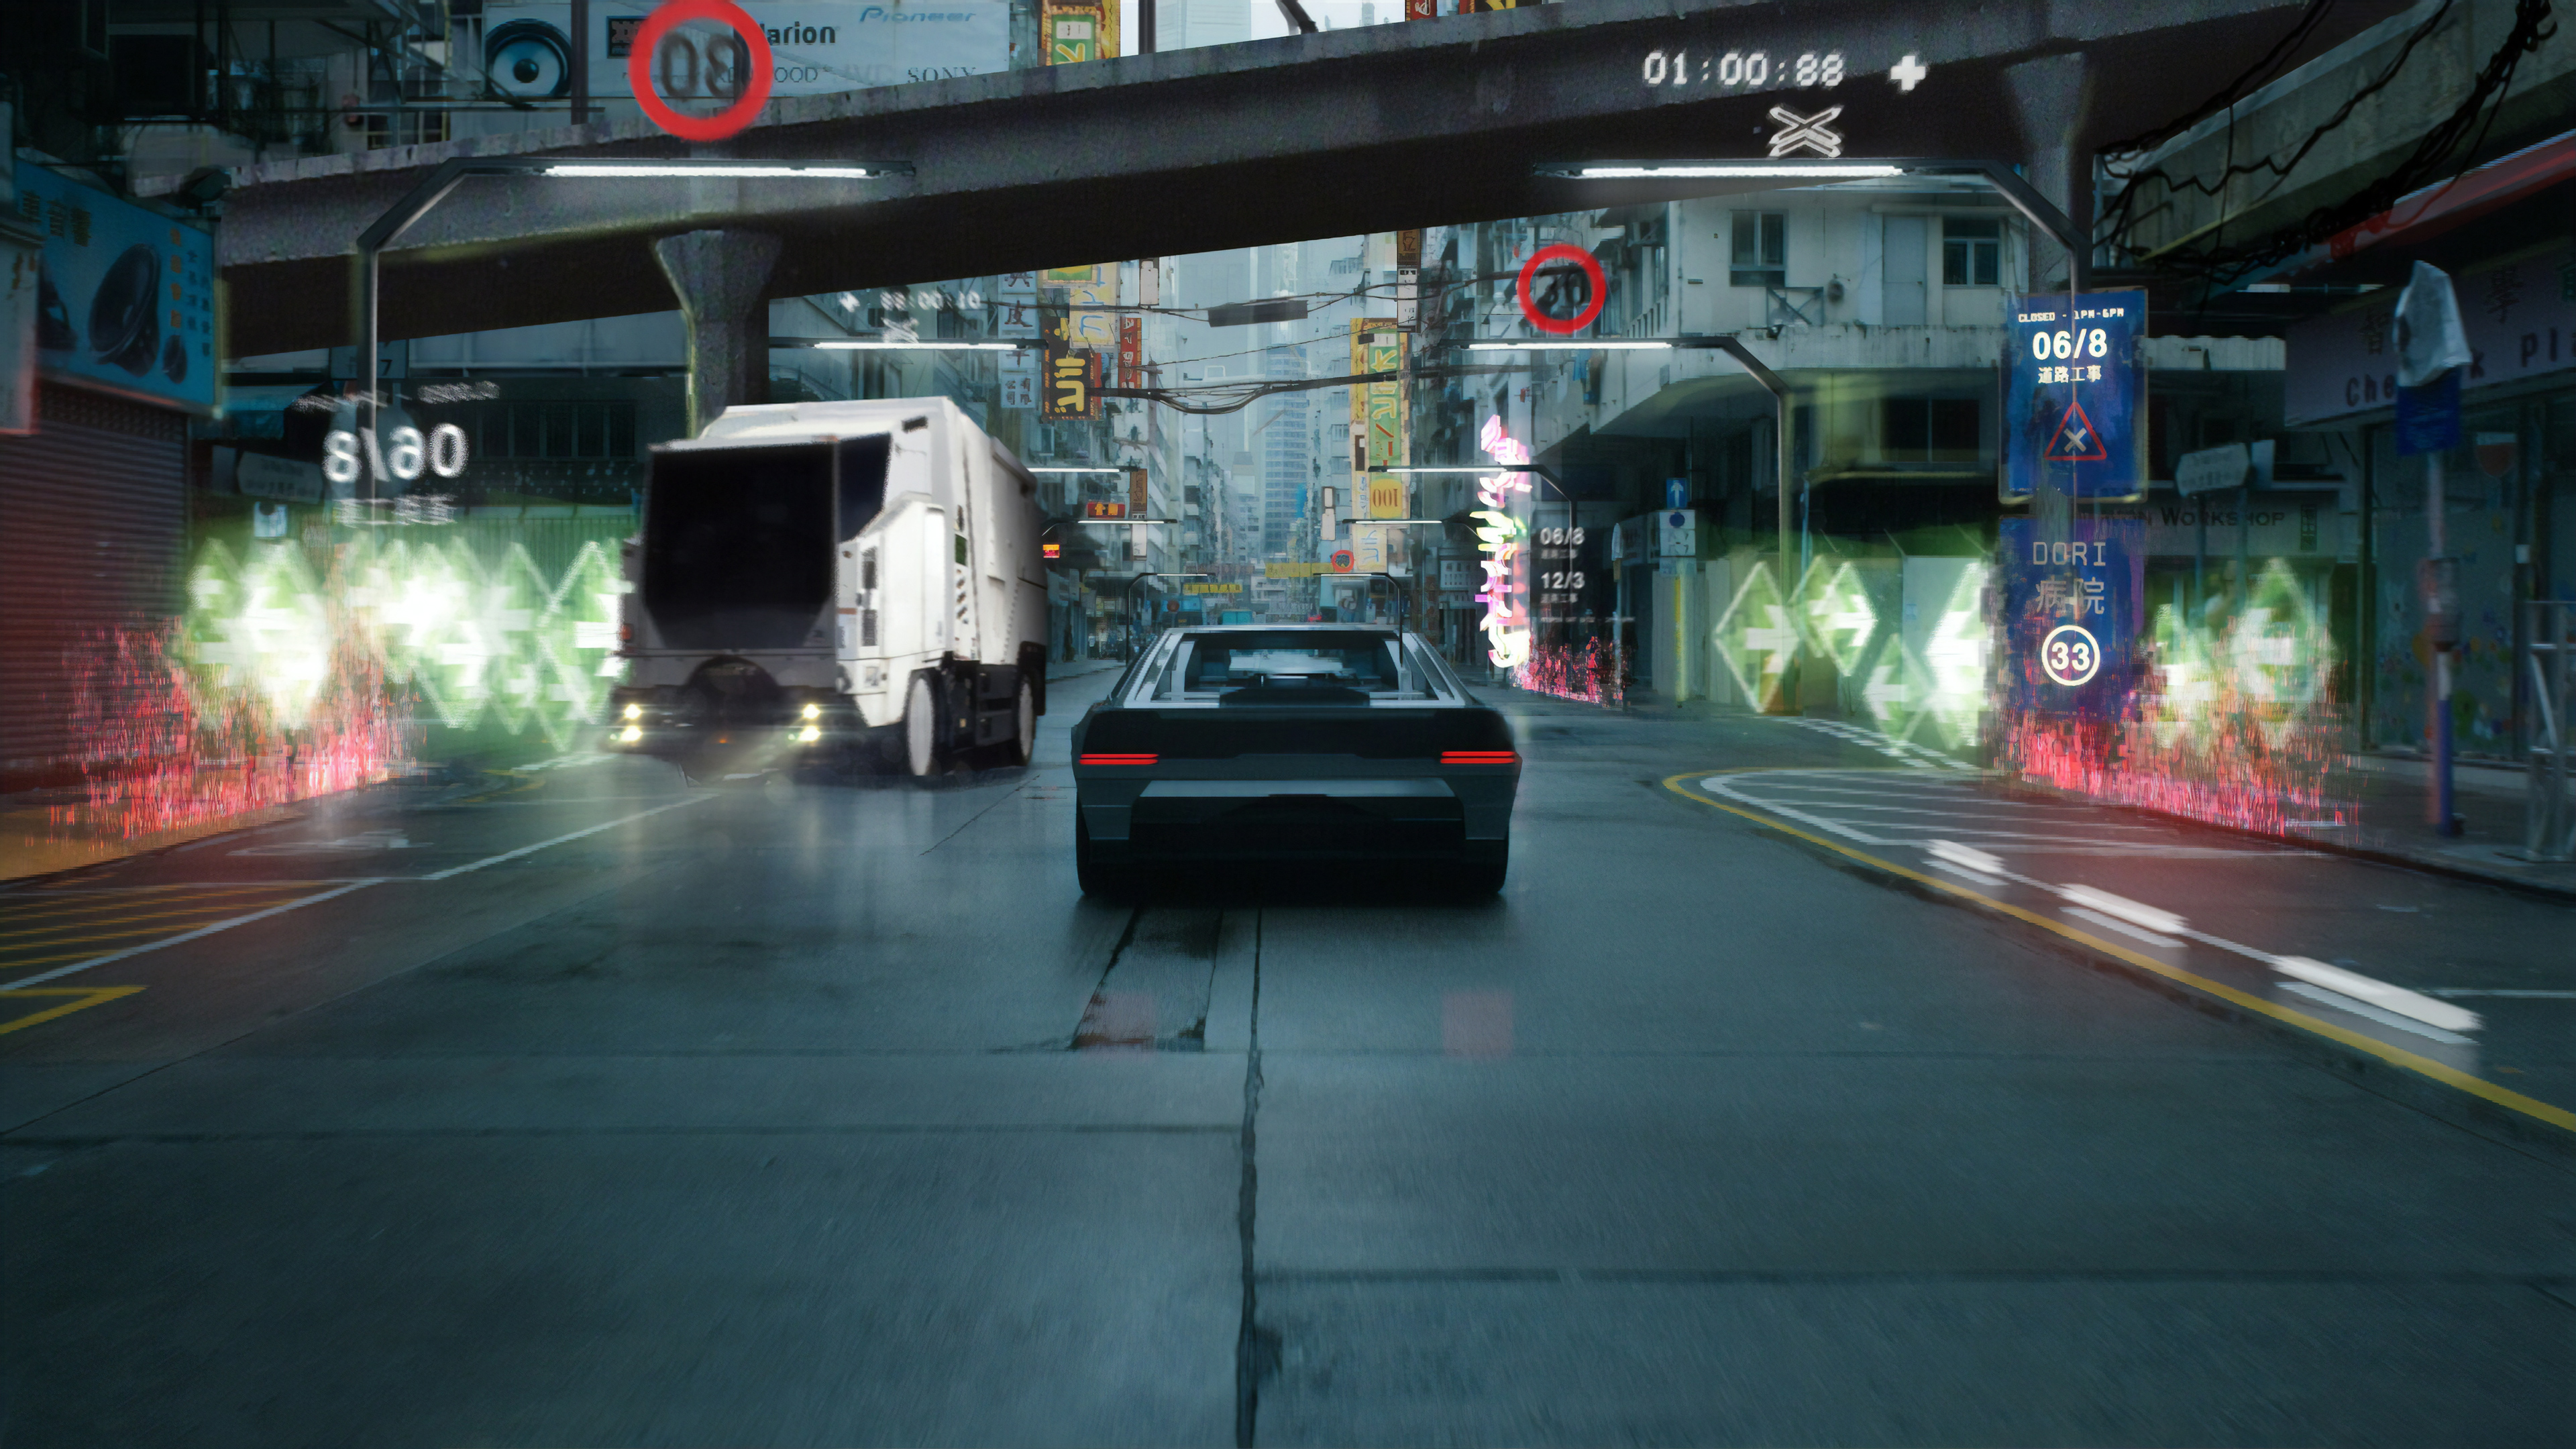 Cyberpunk City Ghost In The Shell 4k Hd Artist 4k Wallpapers